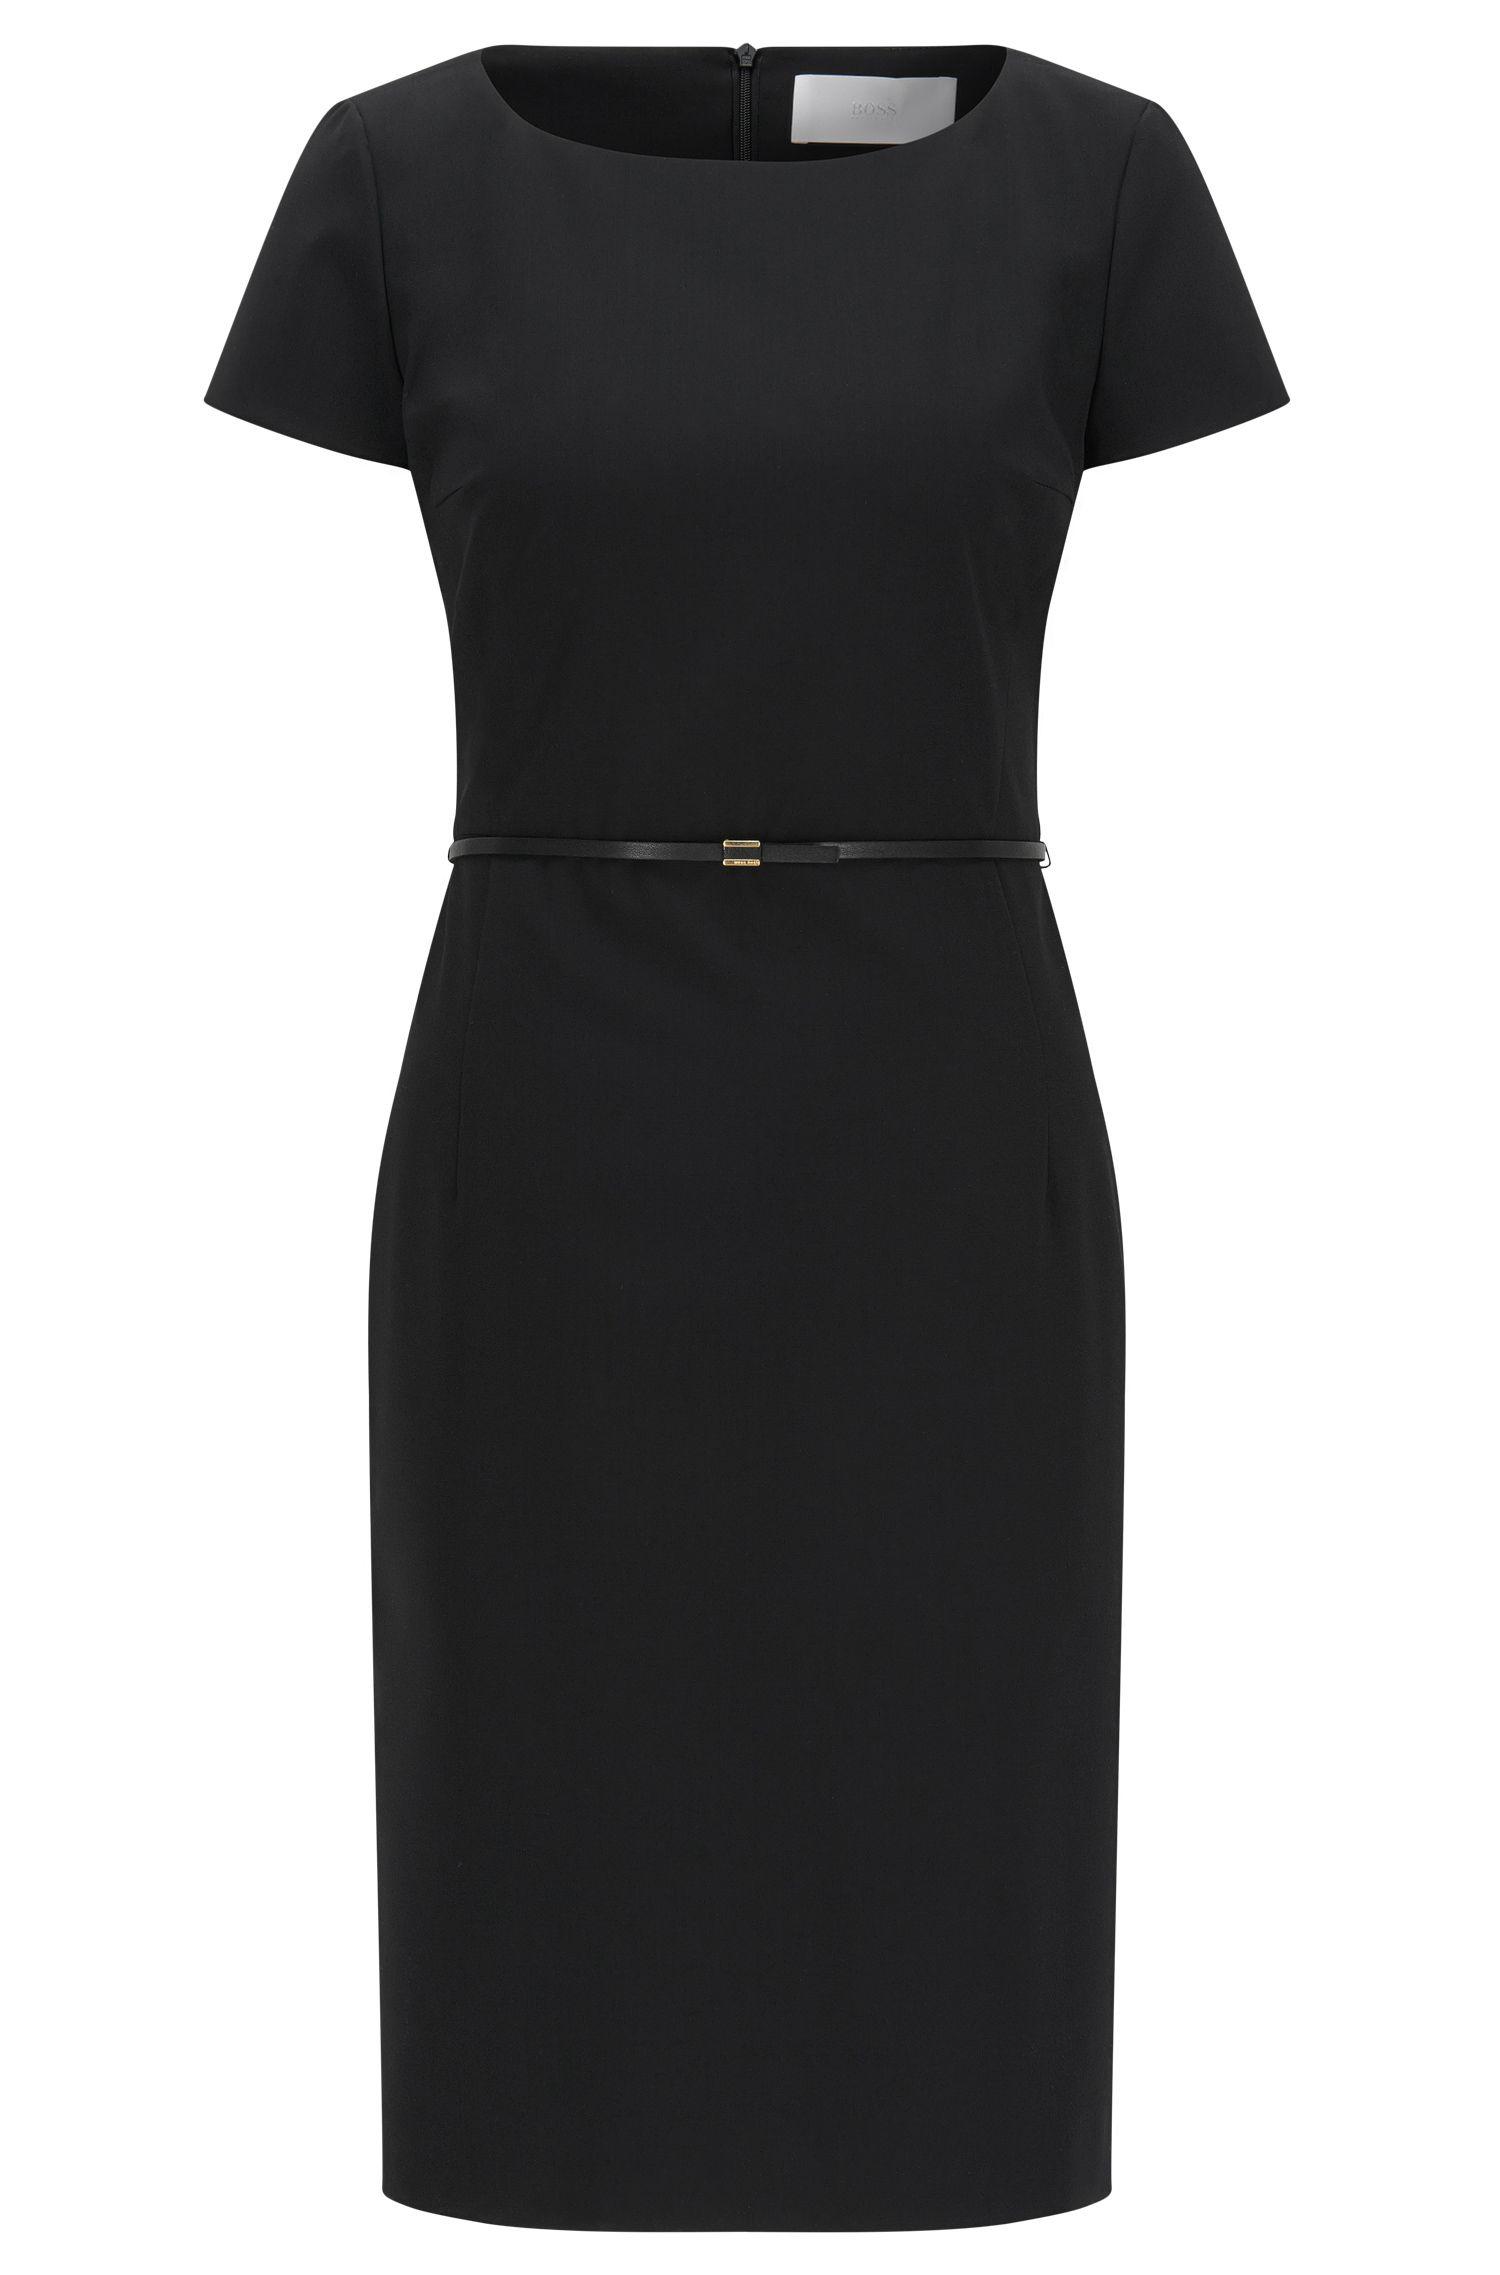 Vestido recto de lana elástica con cintura entallada de la colección de básicos de BOSS Mujer